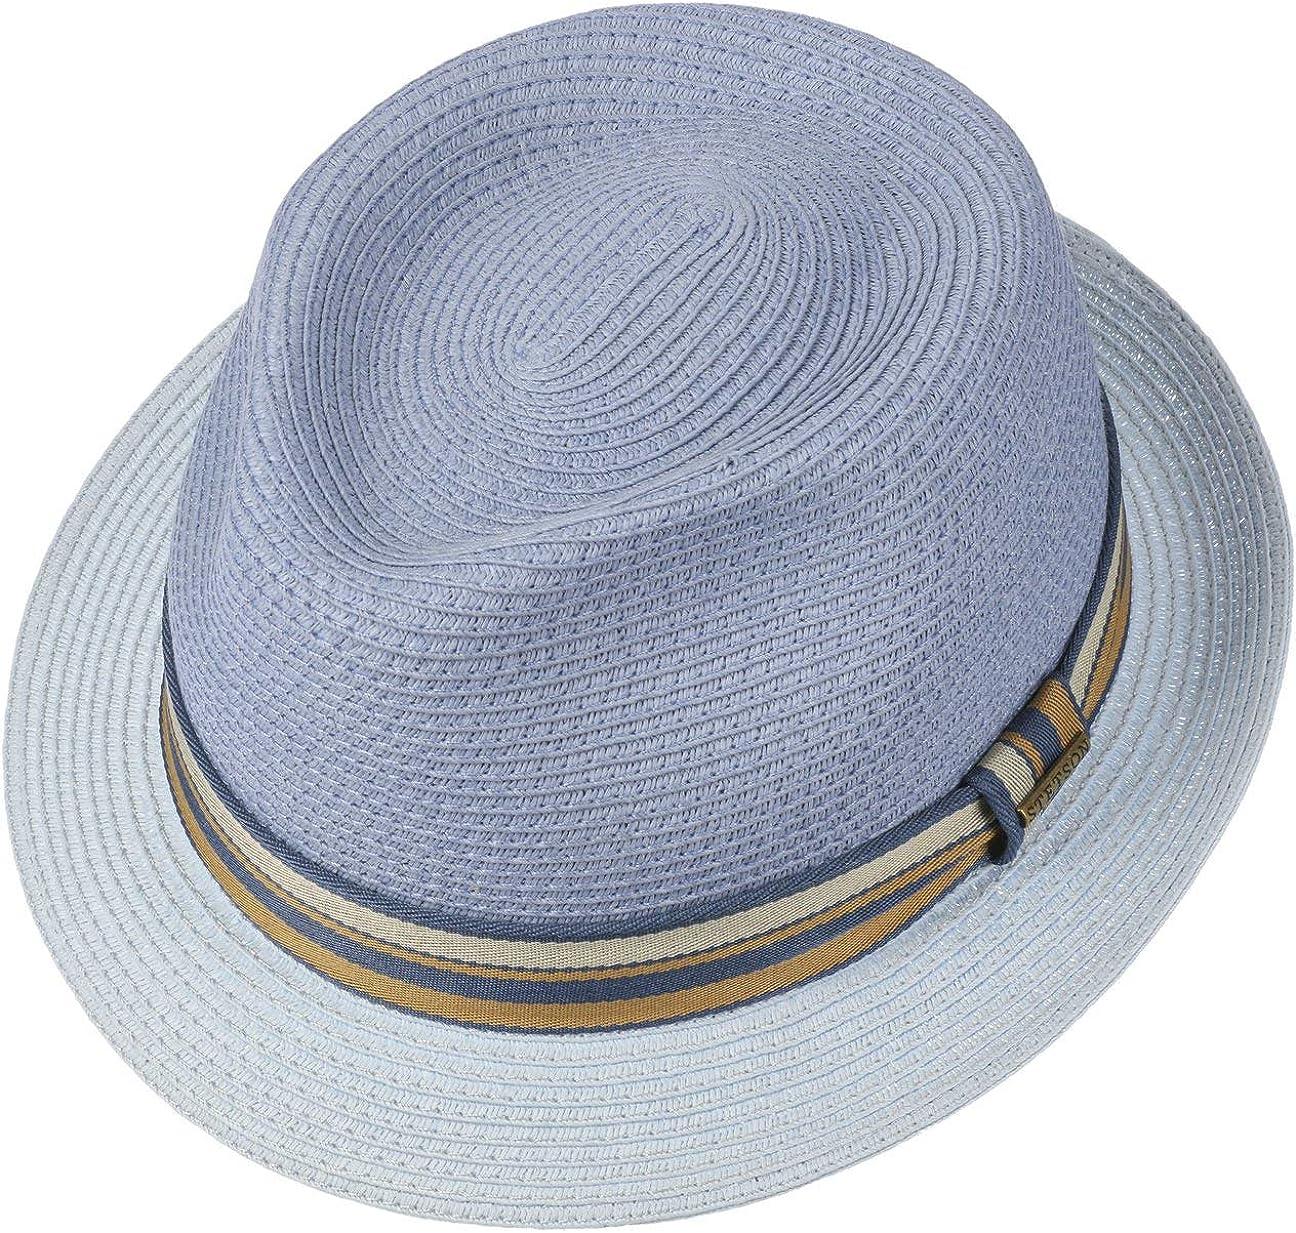 Cappelli da Spiaggia Sole con Nastro in Grosgrain Primavera//Estate Stetson Cappello di Paglia Licano Toyo Trilby Uomo